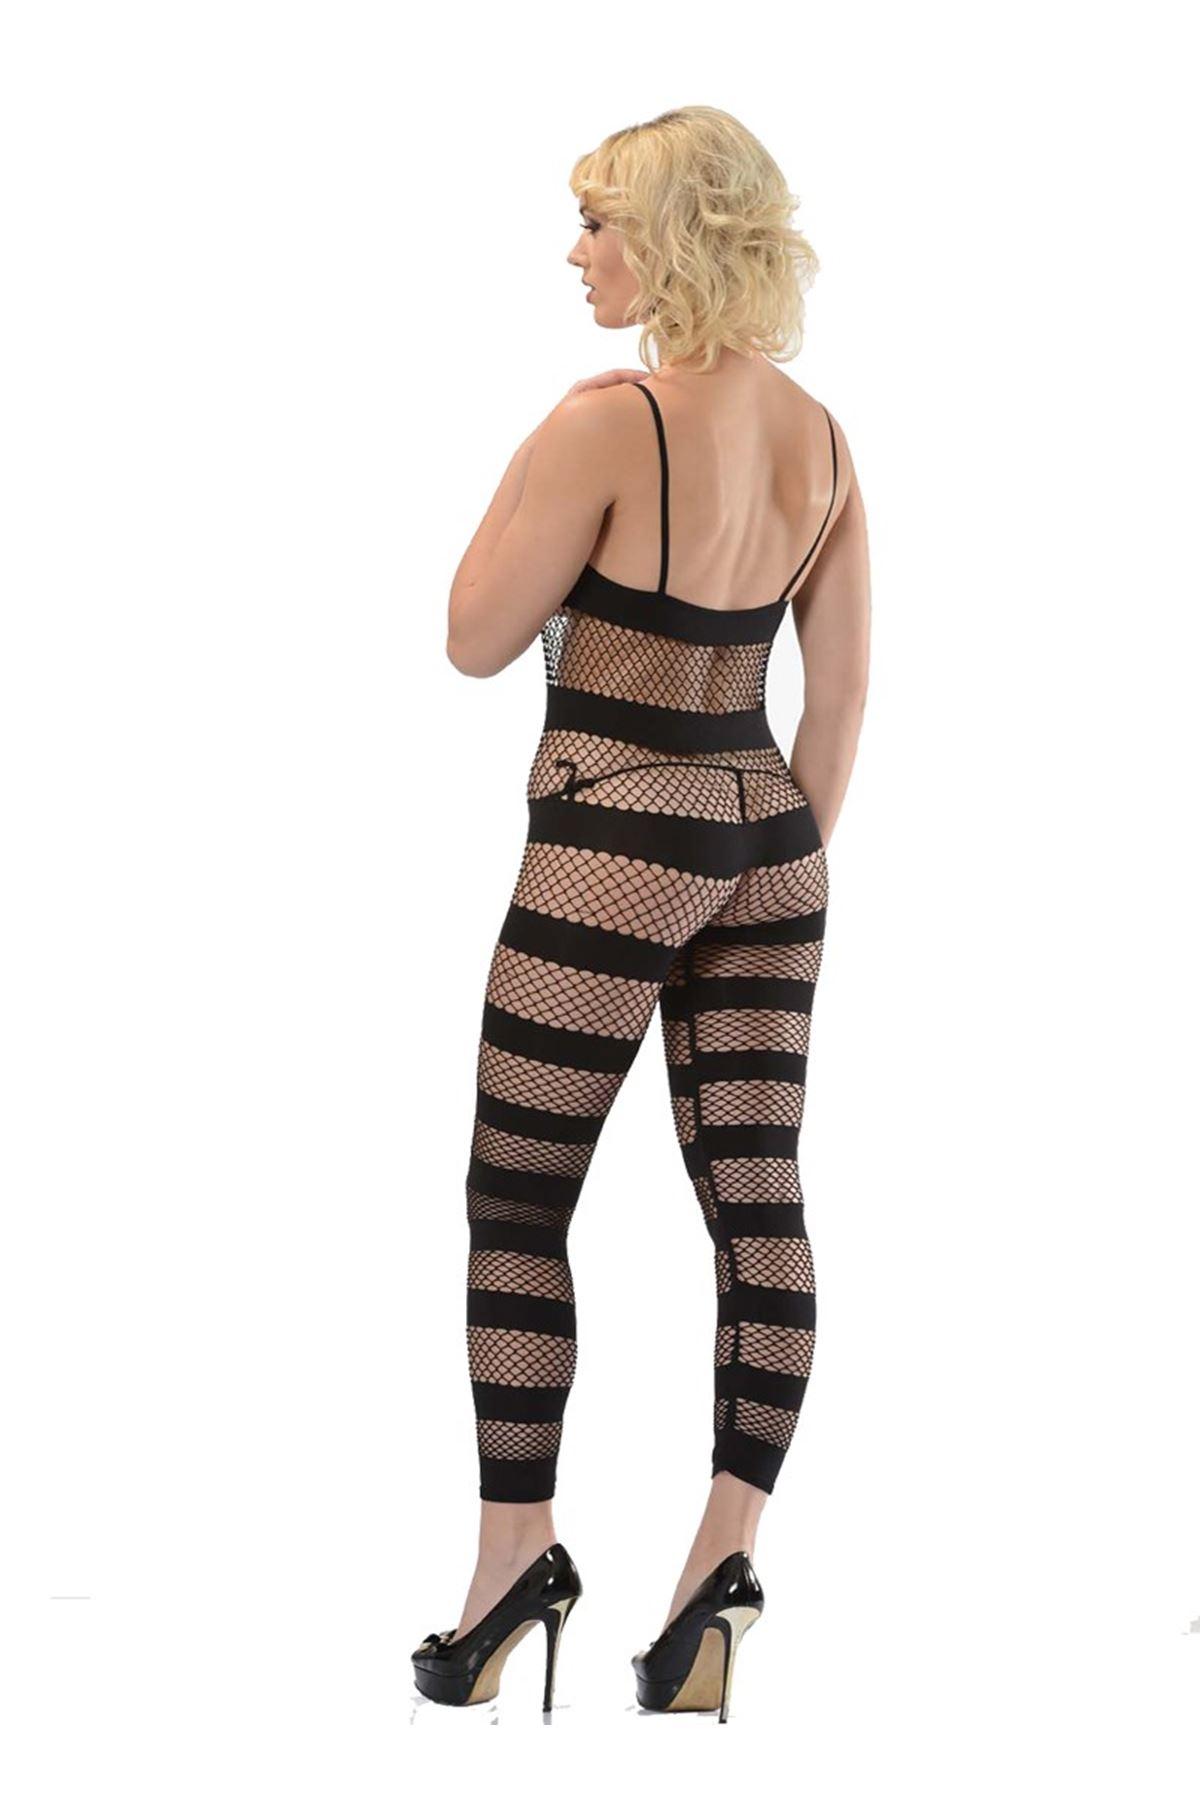 Sistina 1020 fileli vücut çorabı